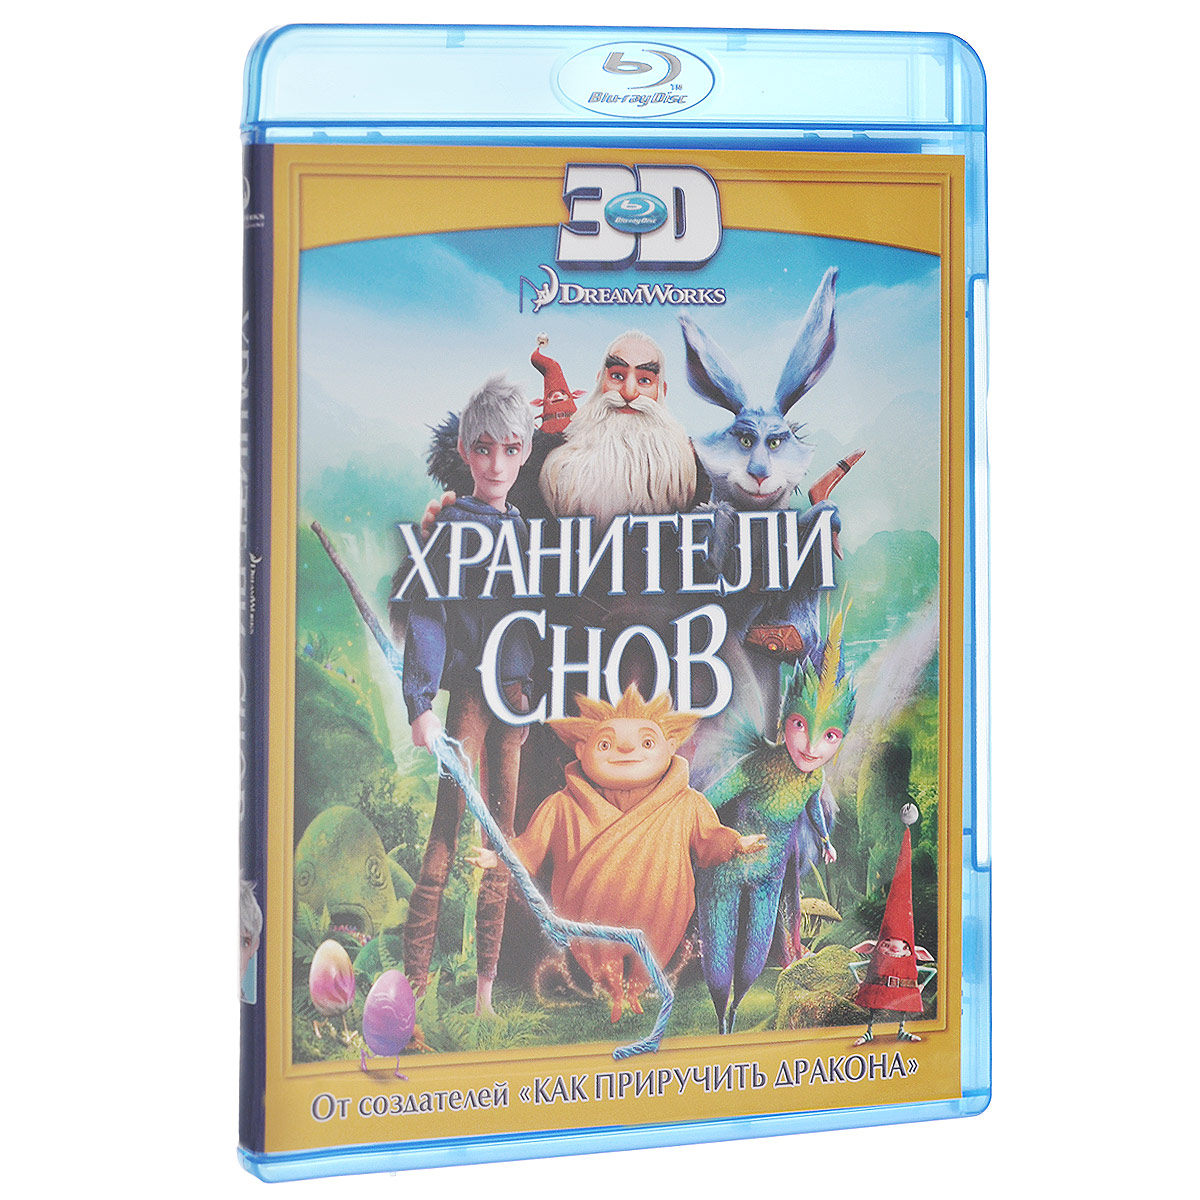 Хранители снов 3D (Blu-ray) гиславед норд фрост 3 б у